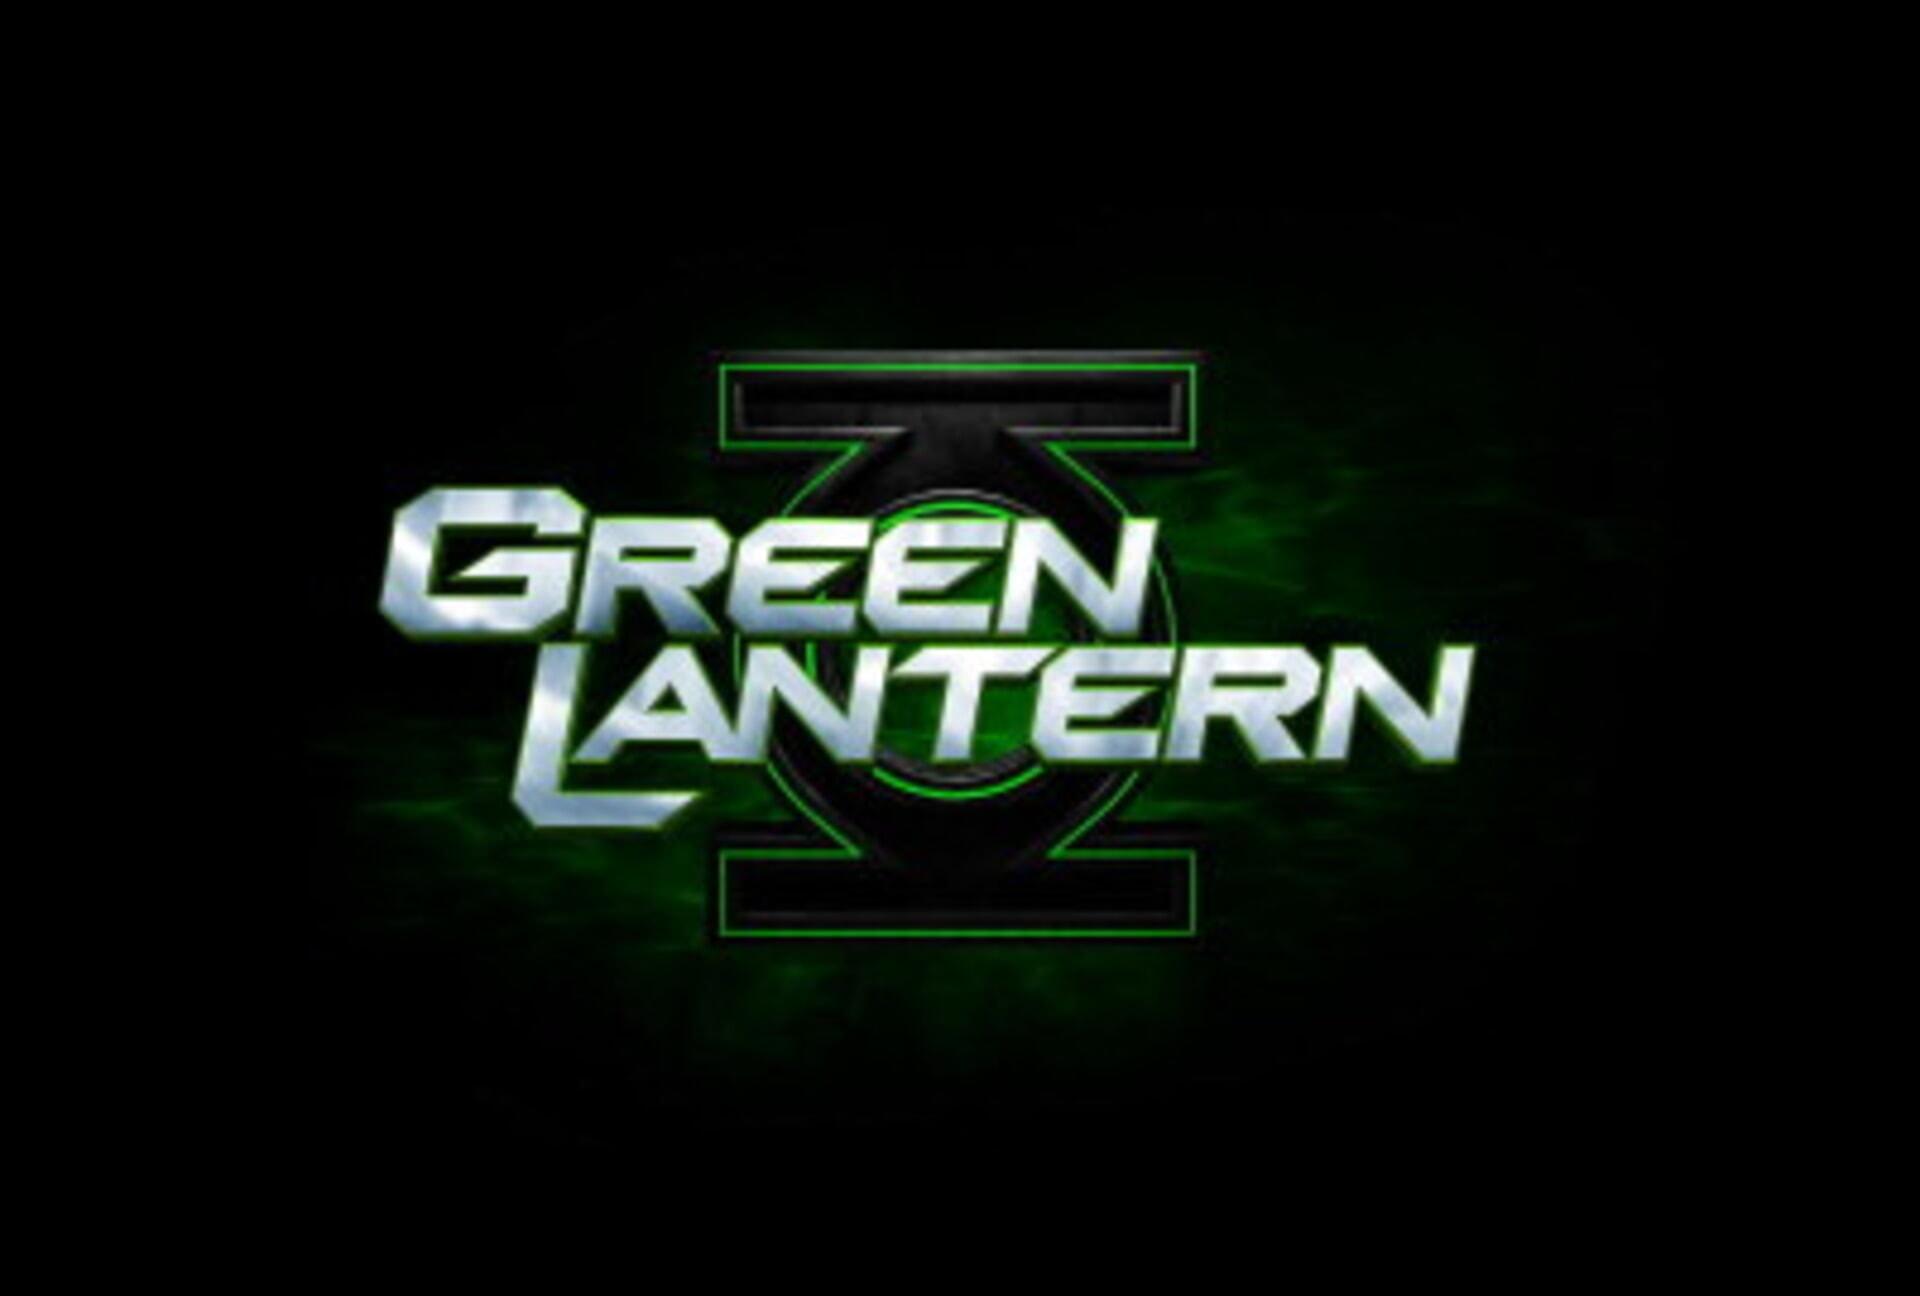 Green Lantern - Image 6